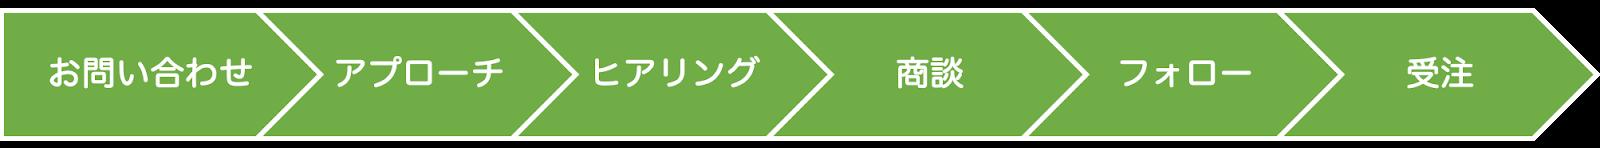 営業パイプライン